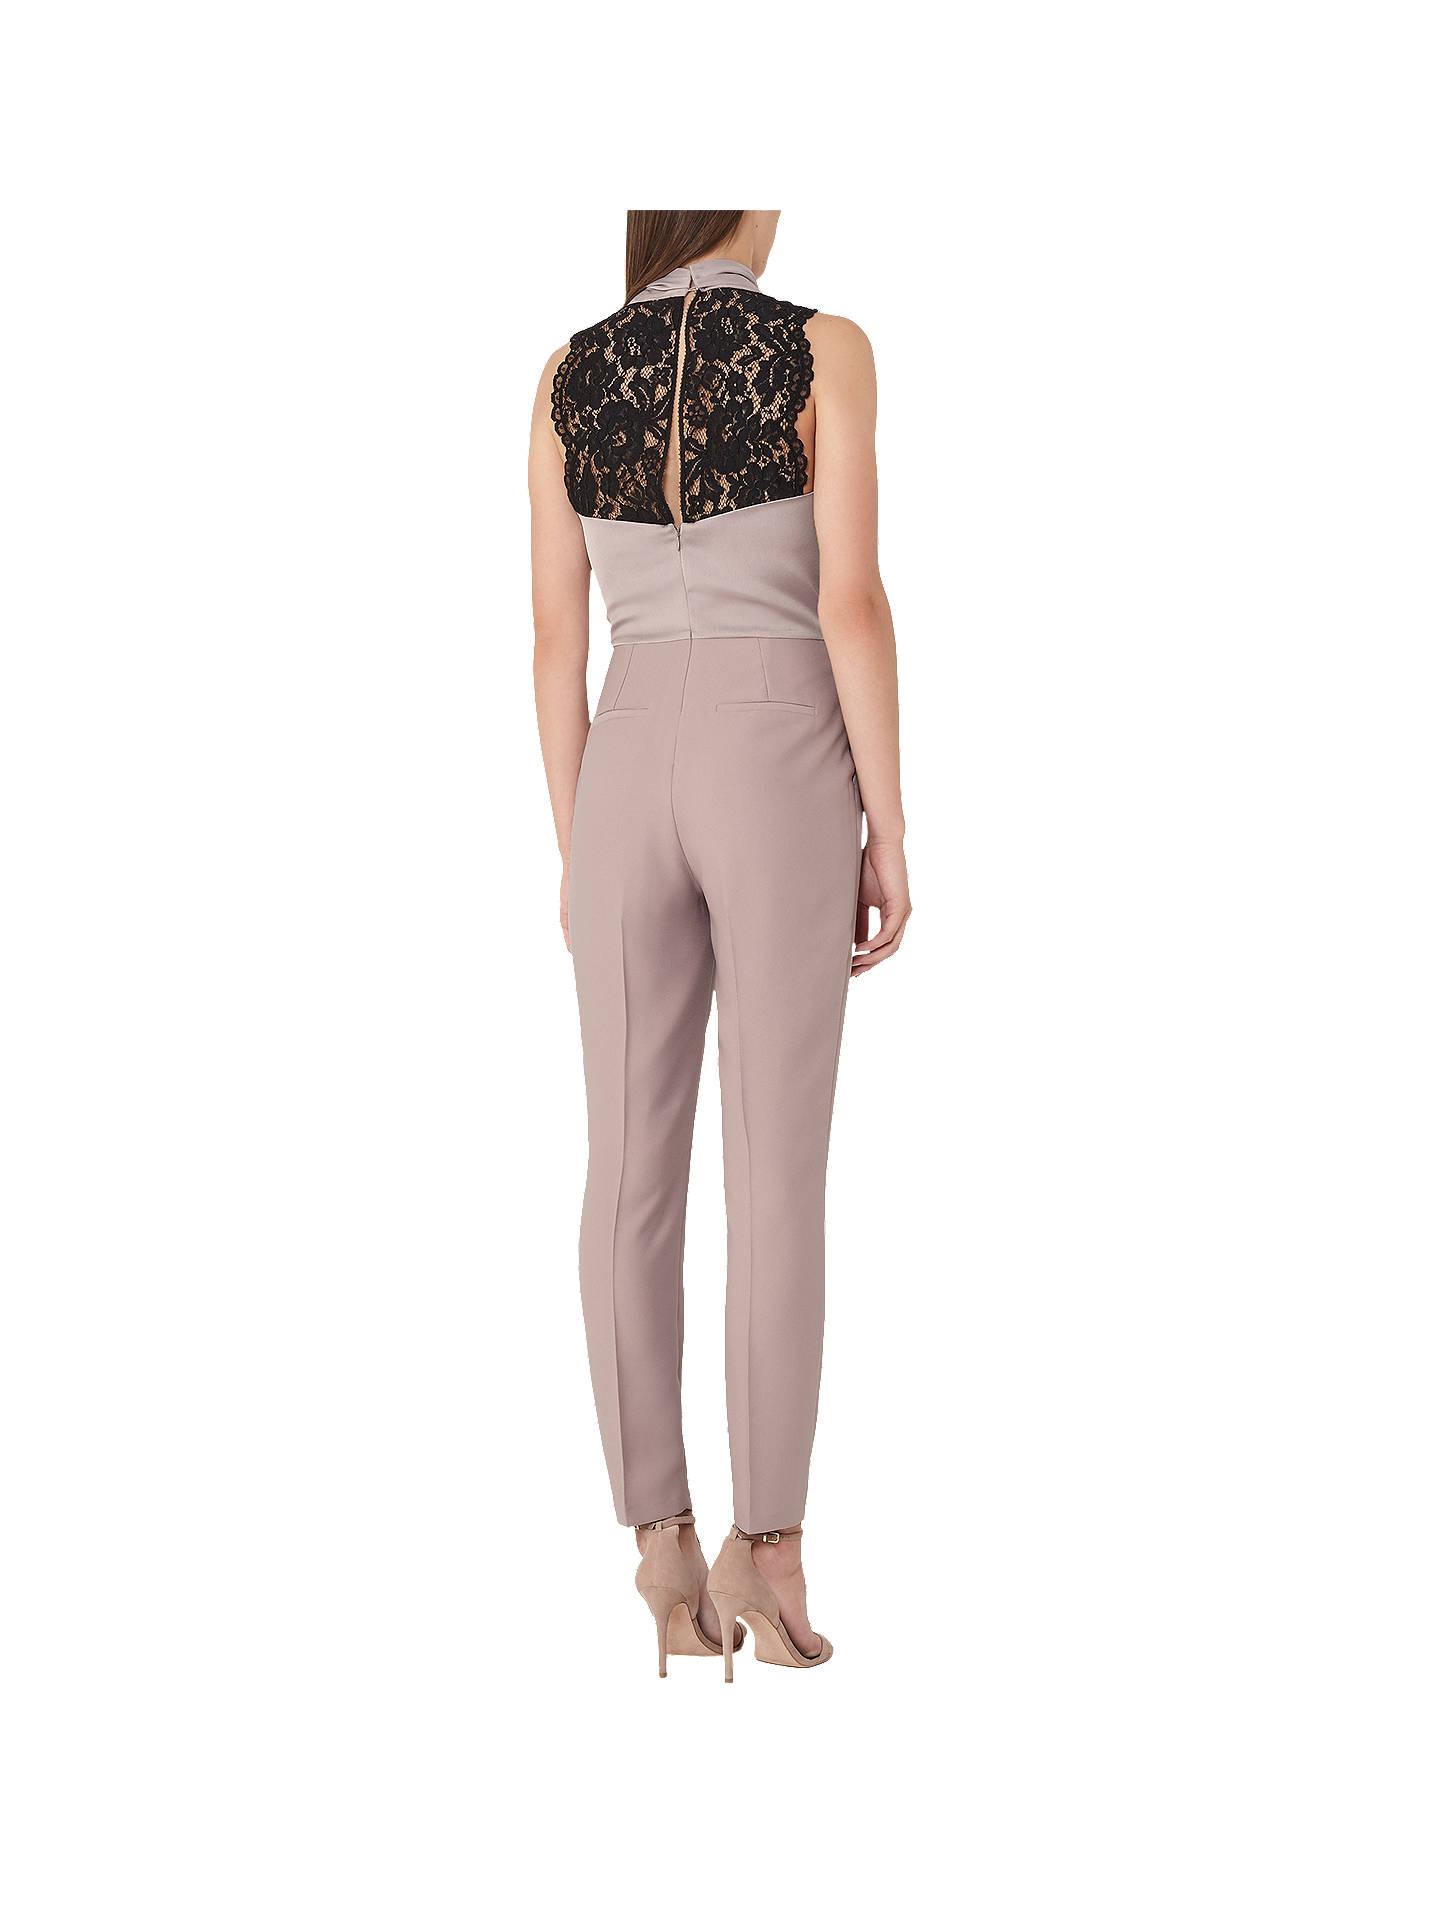 f709e7621fc7 ... Buy Reiss Kita Lace Back Jumpsuit